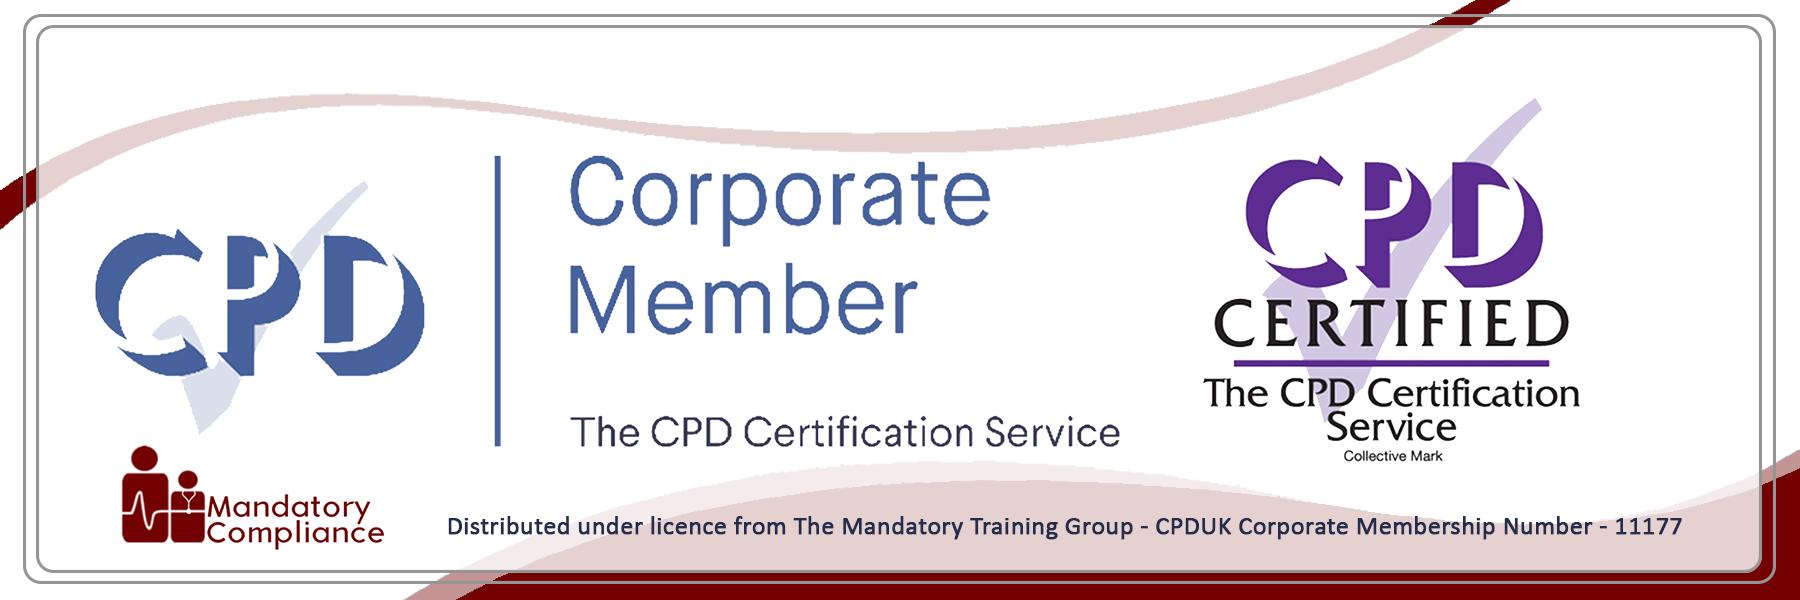 Mastering Microsoft Excel 2019 - Basics - Online Training Courses - Mandatory Compliance UK -